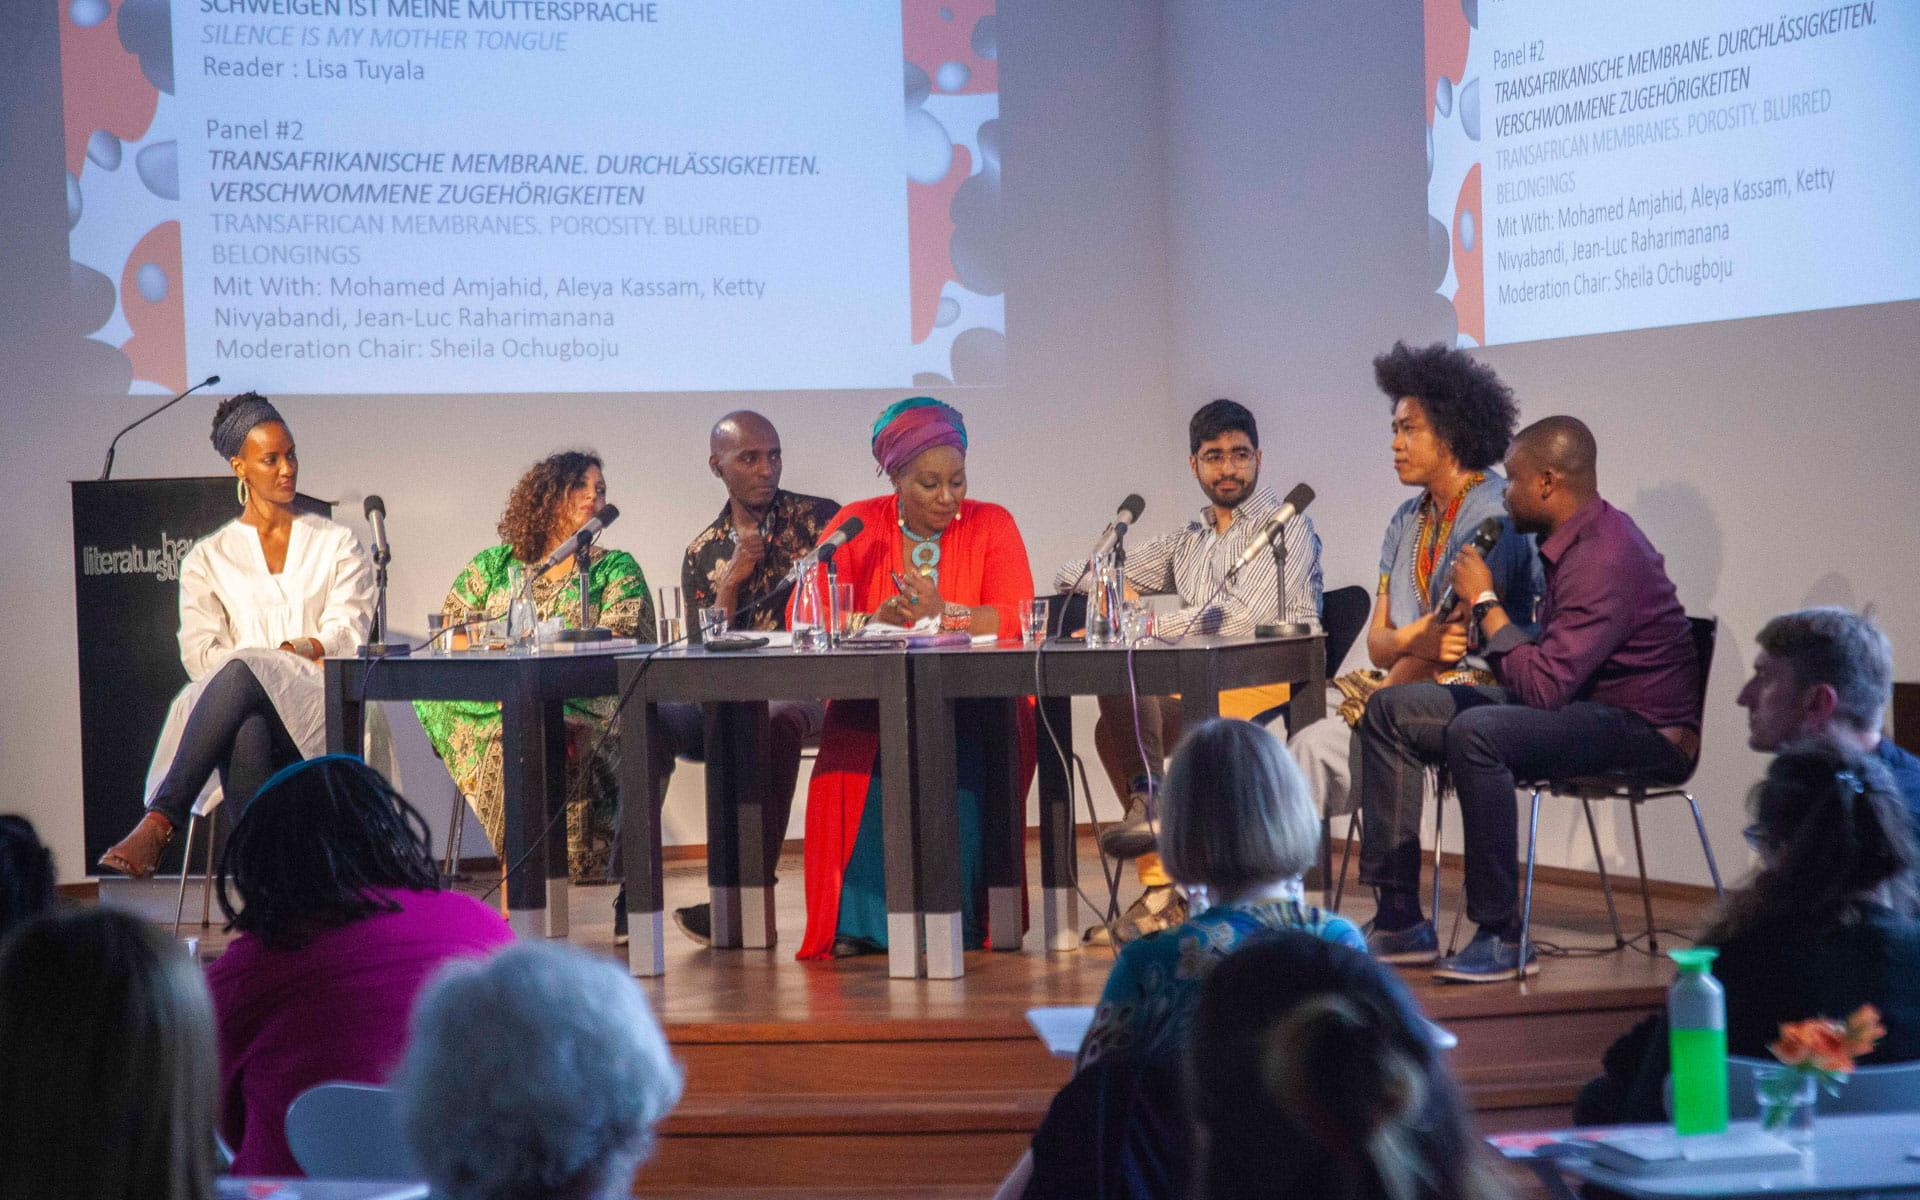 Mohamed Amjahid, Aleya Kassam, Ketty Nivyabandi, Jean-Luc Raharimanana: Panel #2 Transafrikanische Membrane. Durchlässigkeiten. Verschwommene Zugehörigkeiten,                                                               Freitag, 24.05.19               /                   17.15              Uhr                               <br/>(c) Lemia Bodden